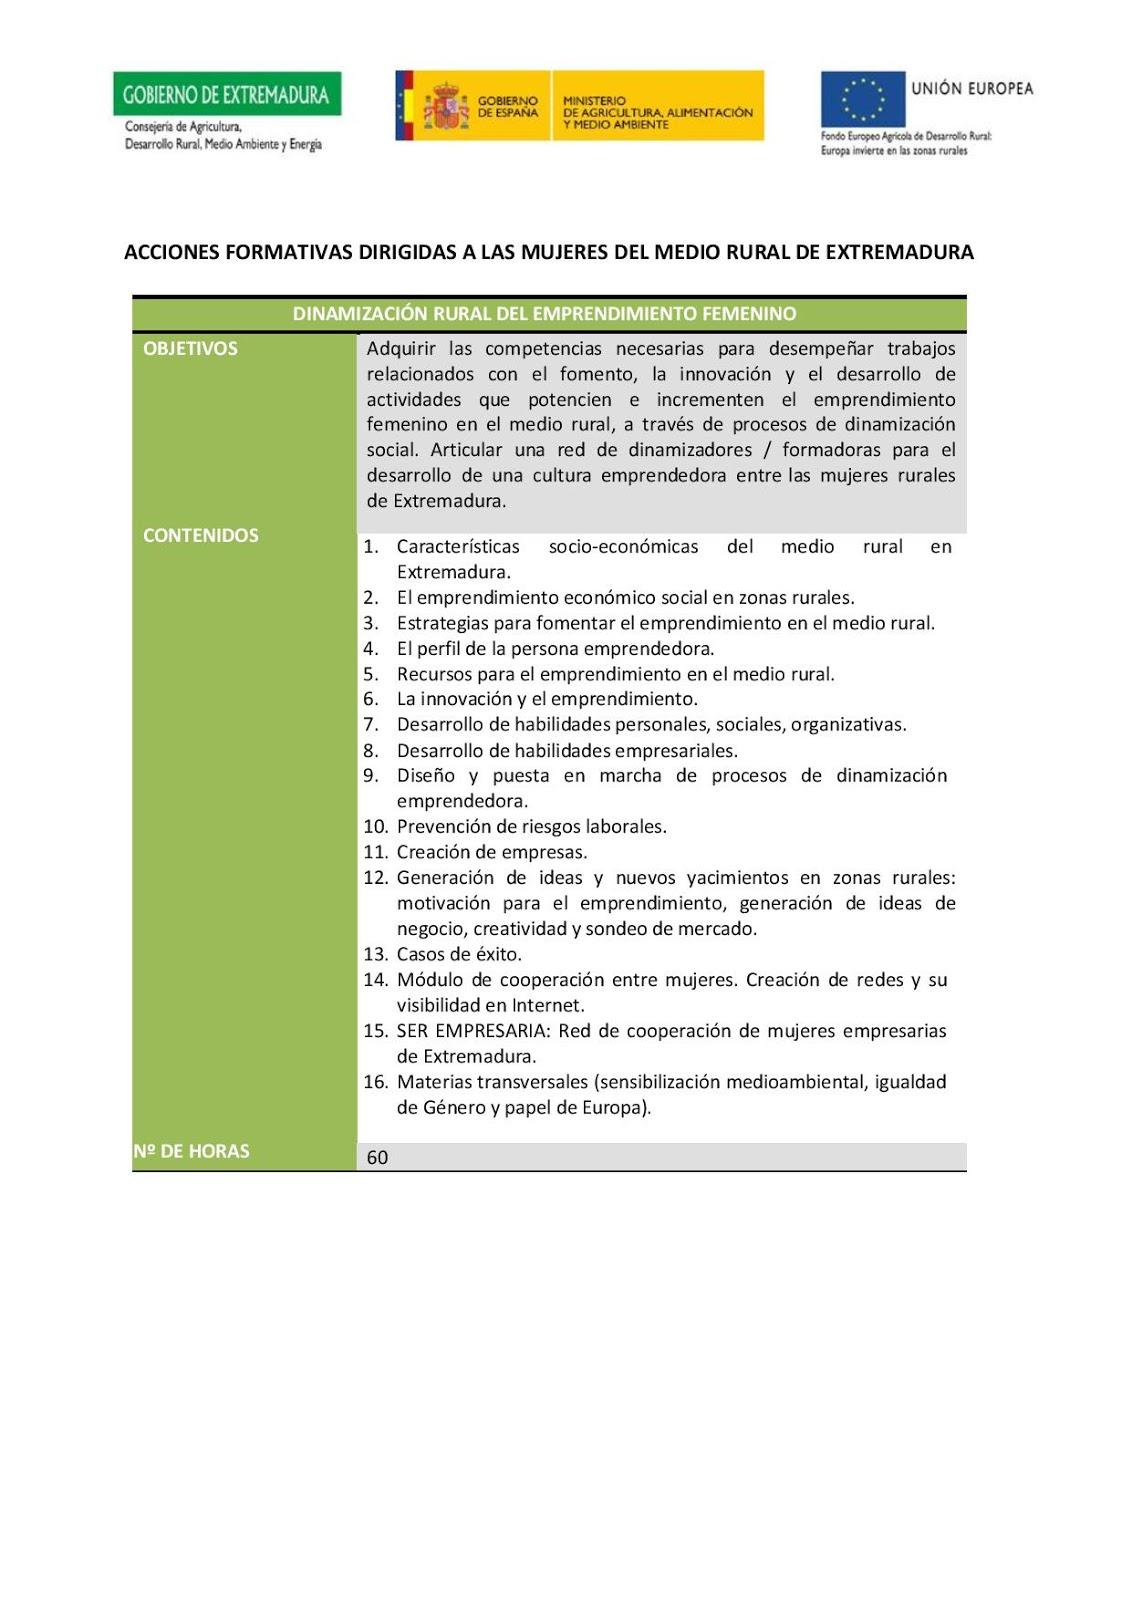 Igualdad valle del jerte oferta formativa para mujeres for Oficina virtual medio rural